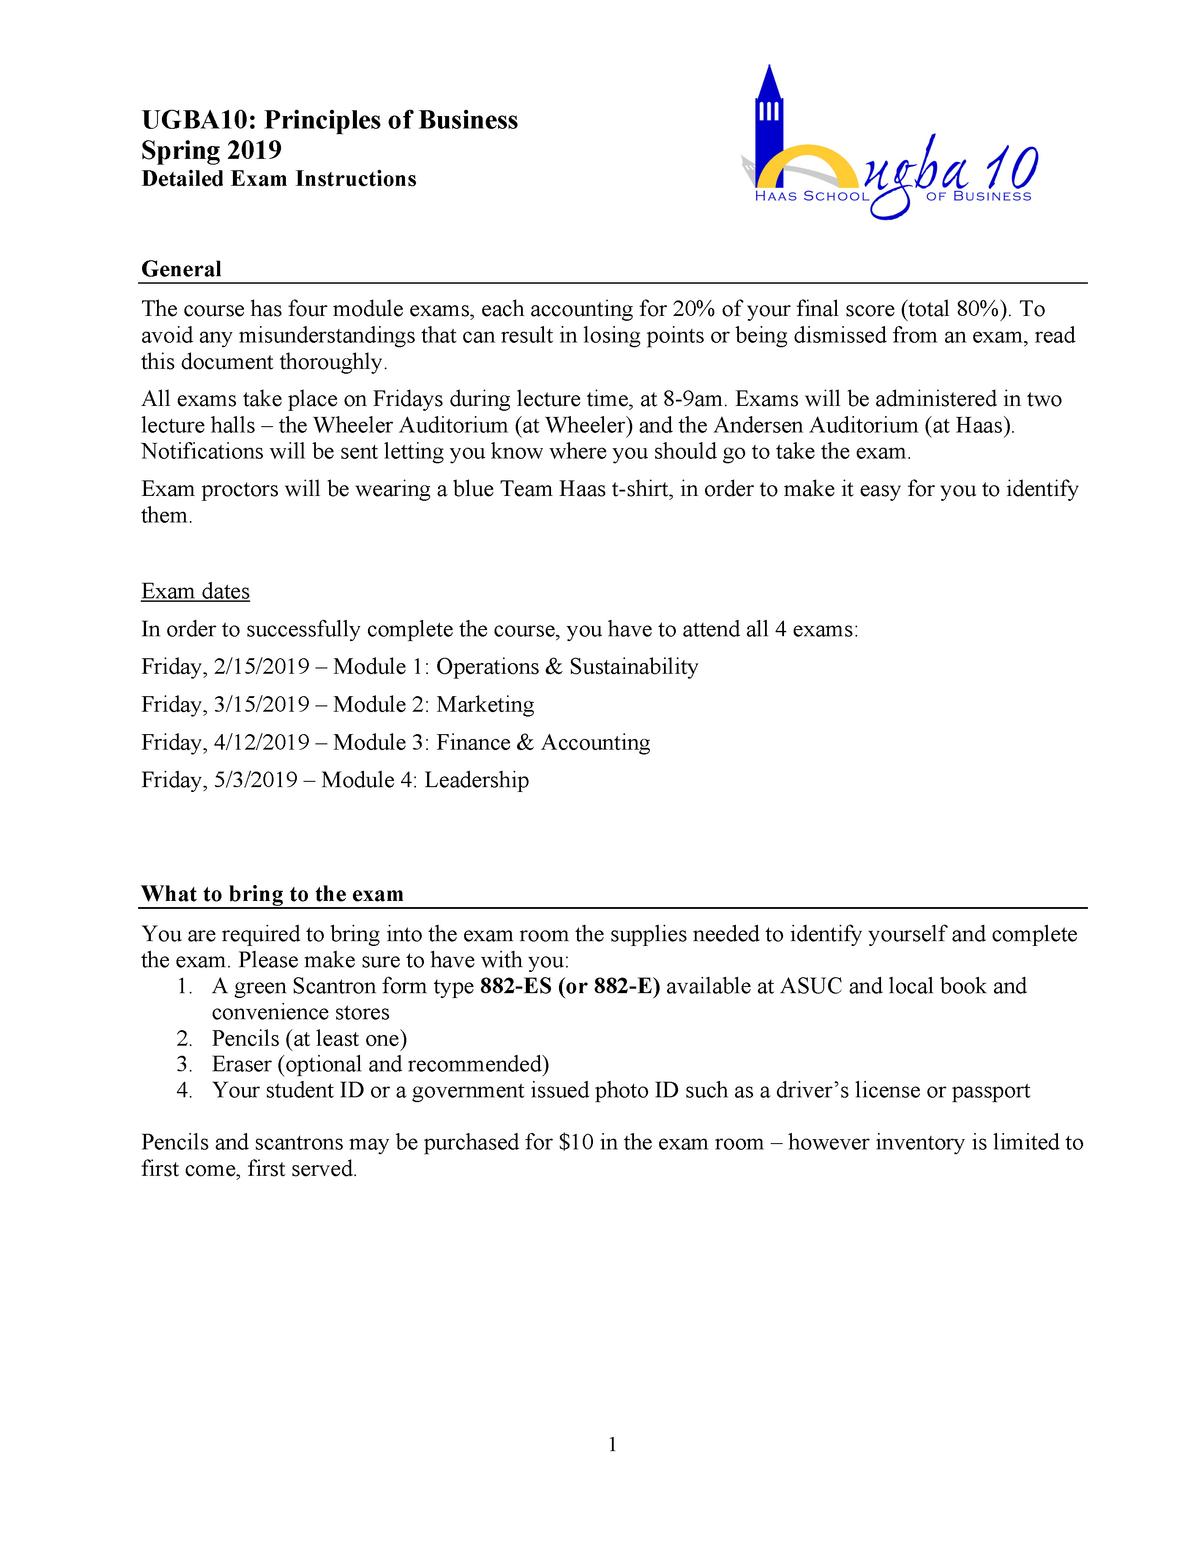 2  Detailed Exam Instructions – Spring 2019 v F - UGBA 10